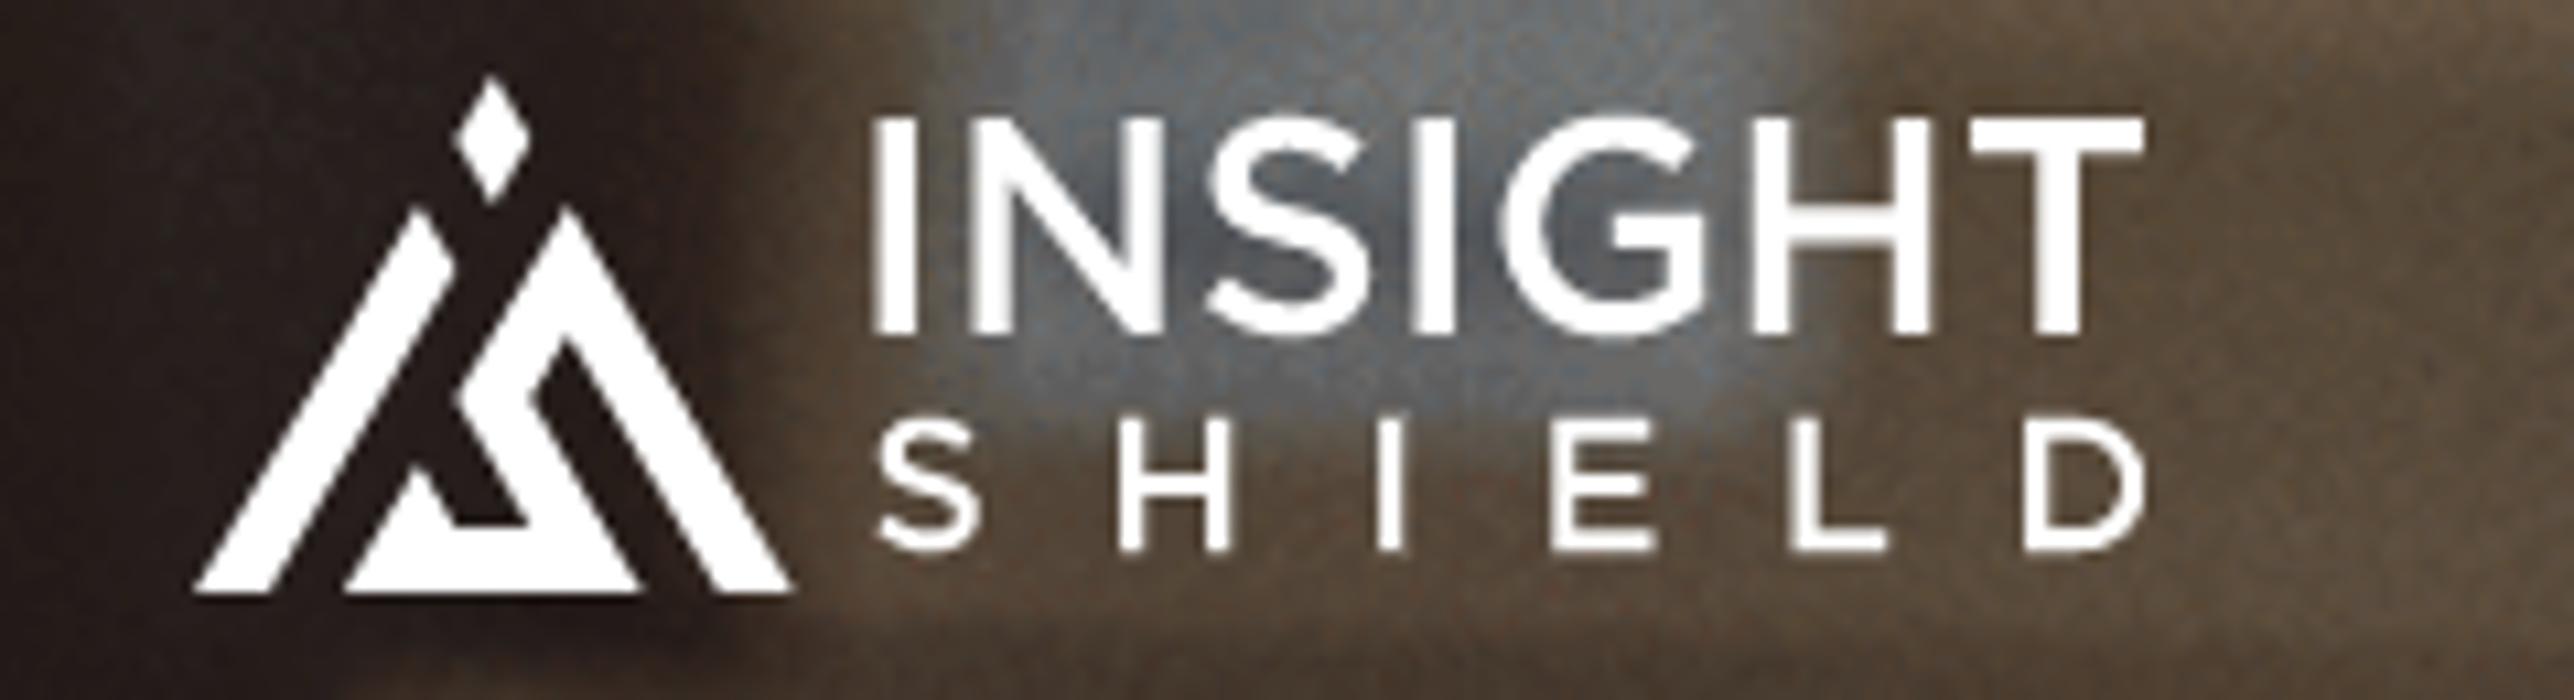 Insight Shield - Murray, KY